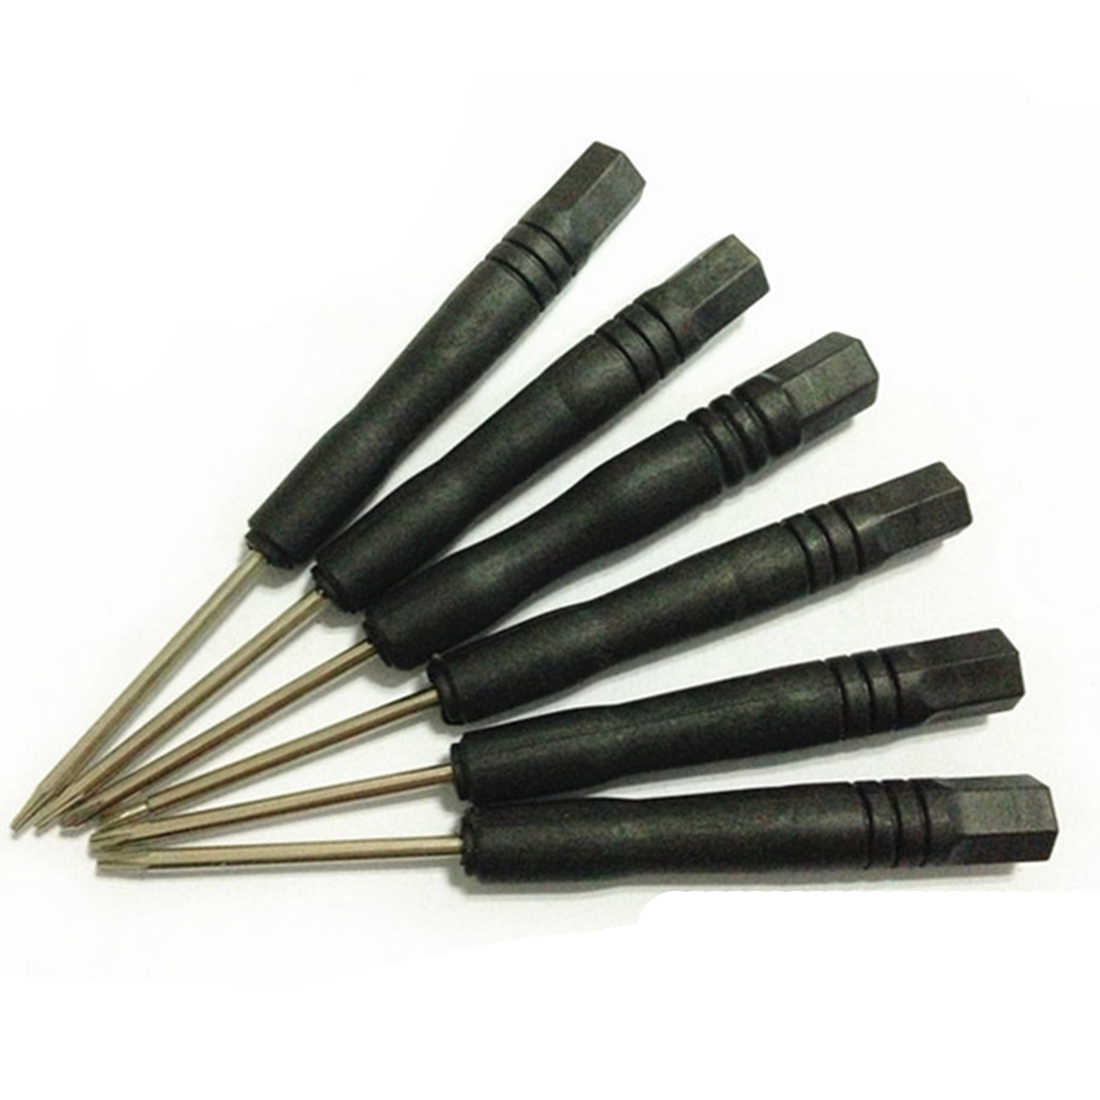 Ручные инструменты 5 звезд 5-точечный 1,2 мм 45 # стальной инструмент для ремонта для IPhone профессиональные инструменты для техобслуживания